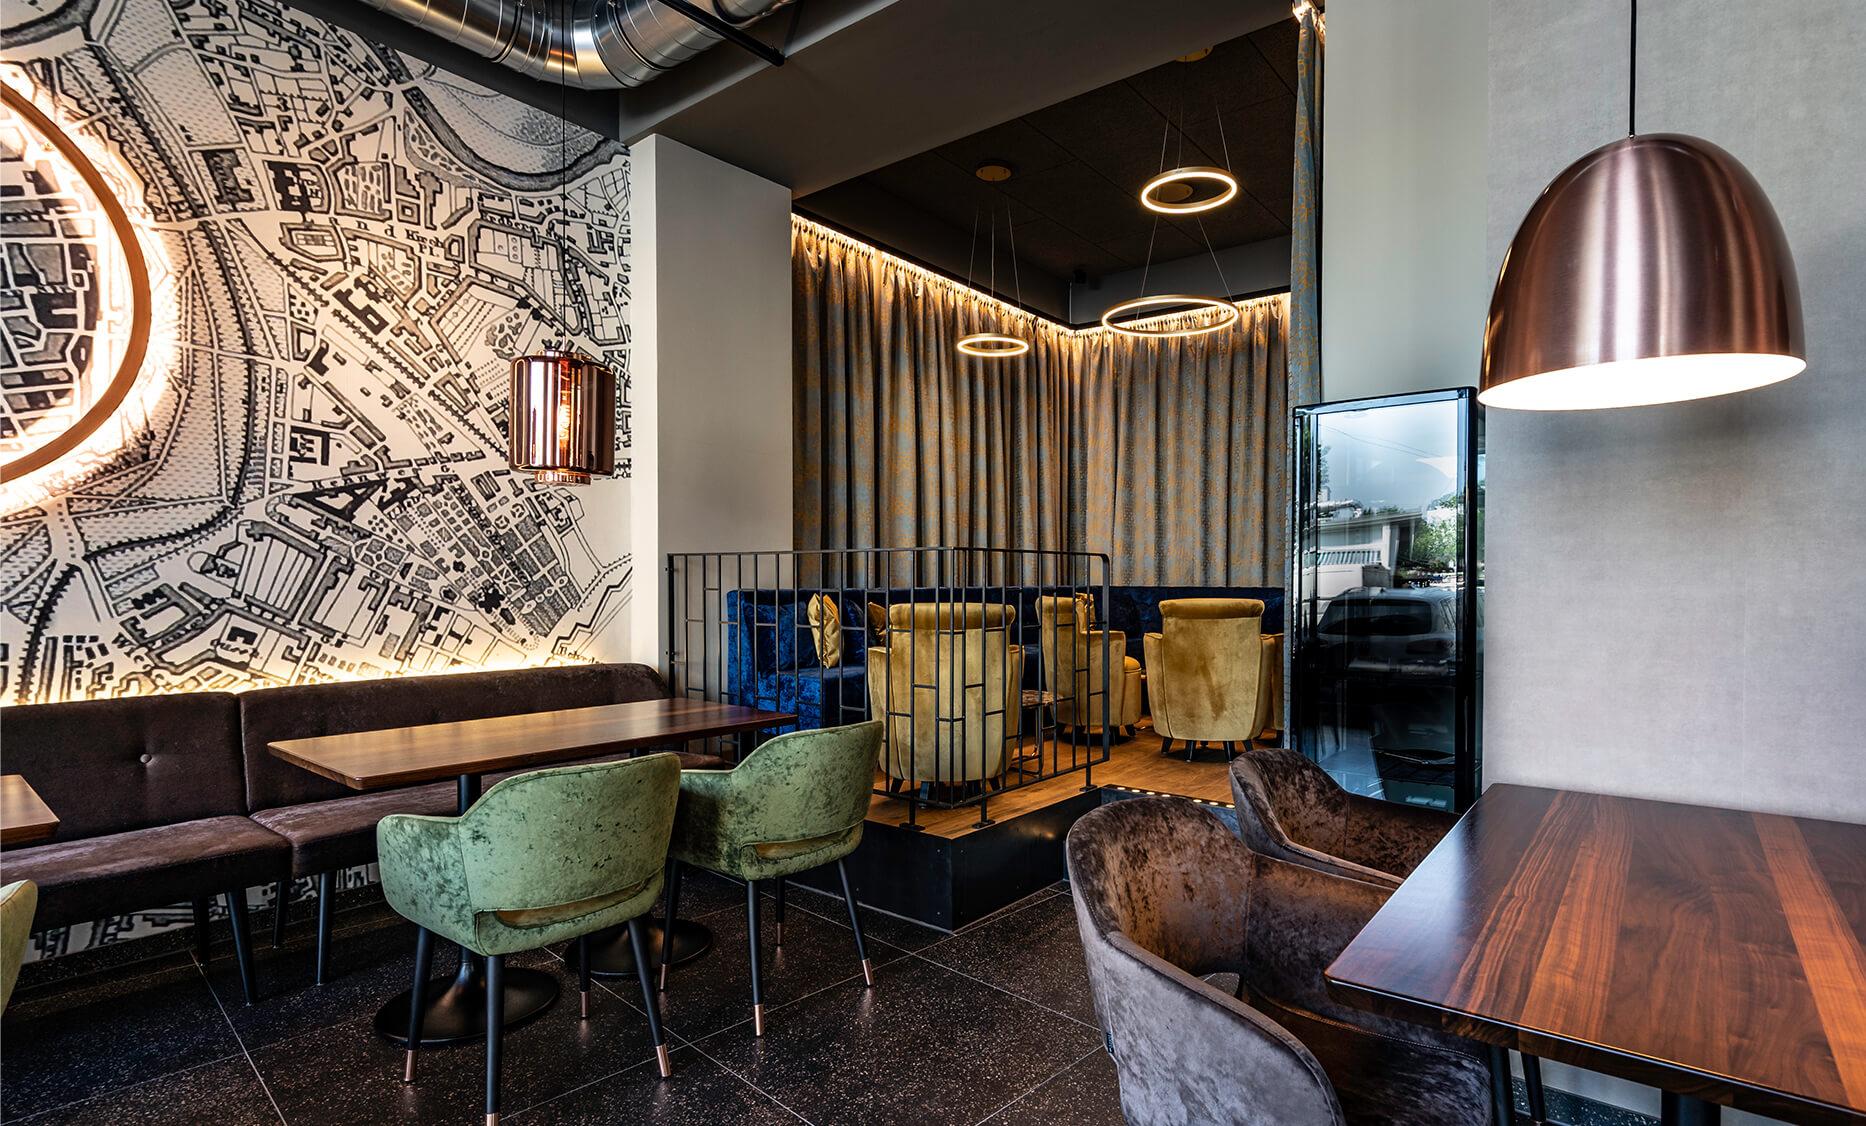 Sitz und Lounge Bereich vom Cafe Ring de Lounge in Wien - Vorhang mit Samtstoff, davor gemütliche Sofabänke in Royalblau. Boden Terrazzofliesen in schwarz matt, Lounge Bereich mit warmen Eichenboden